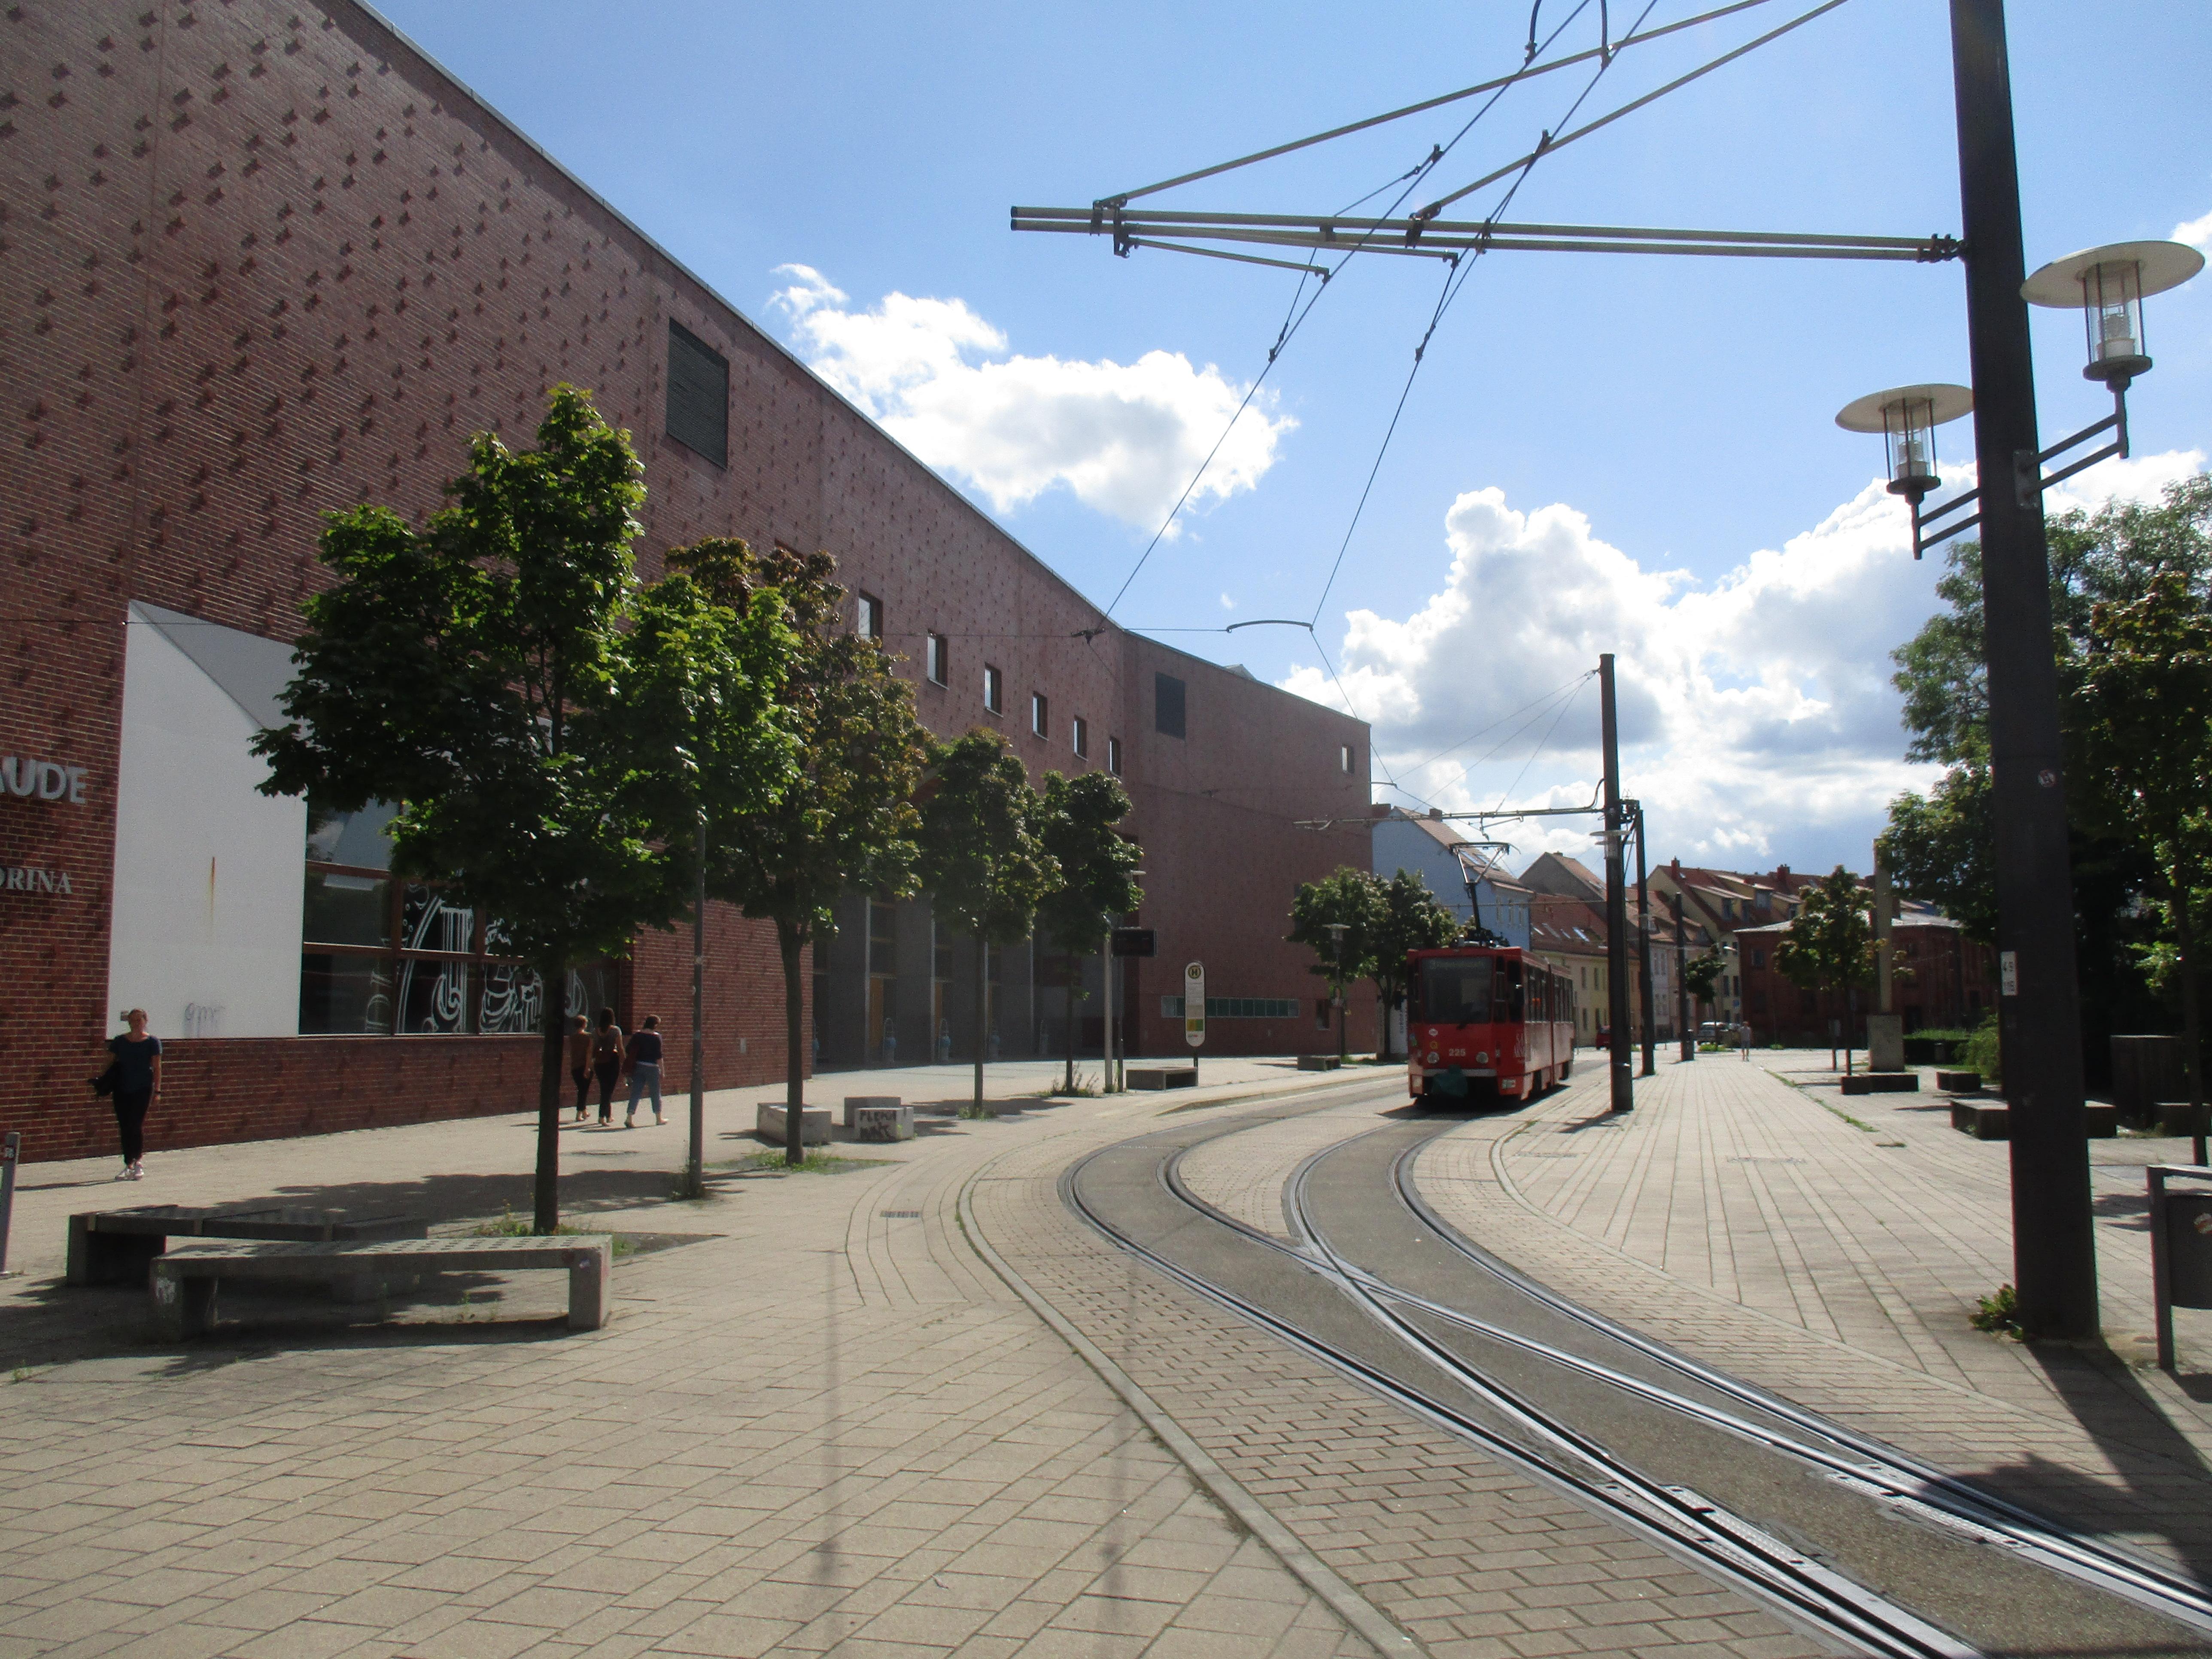 citypic 4